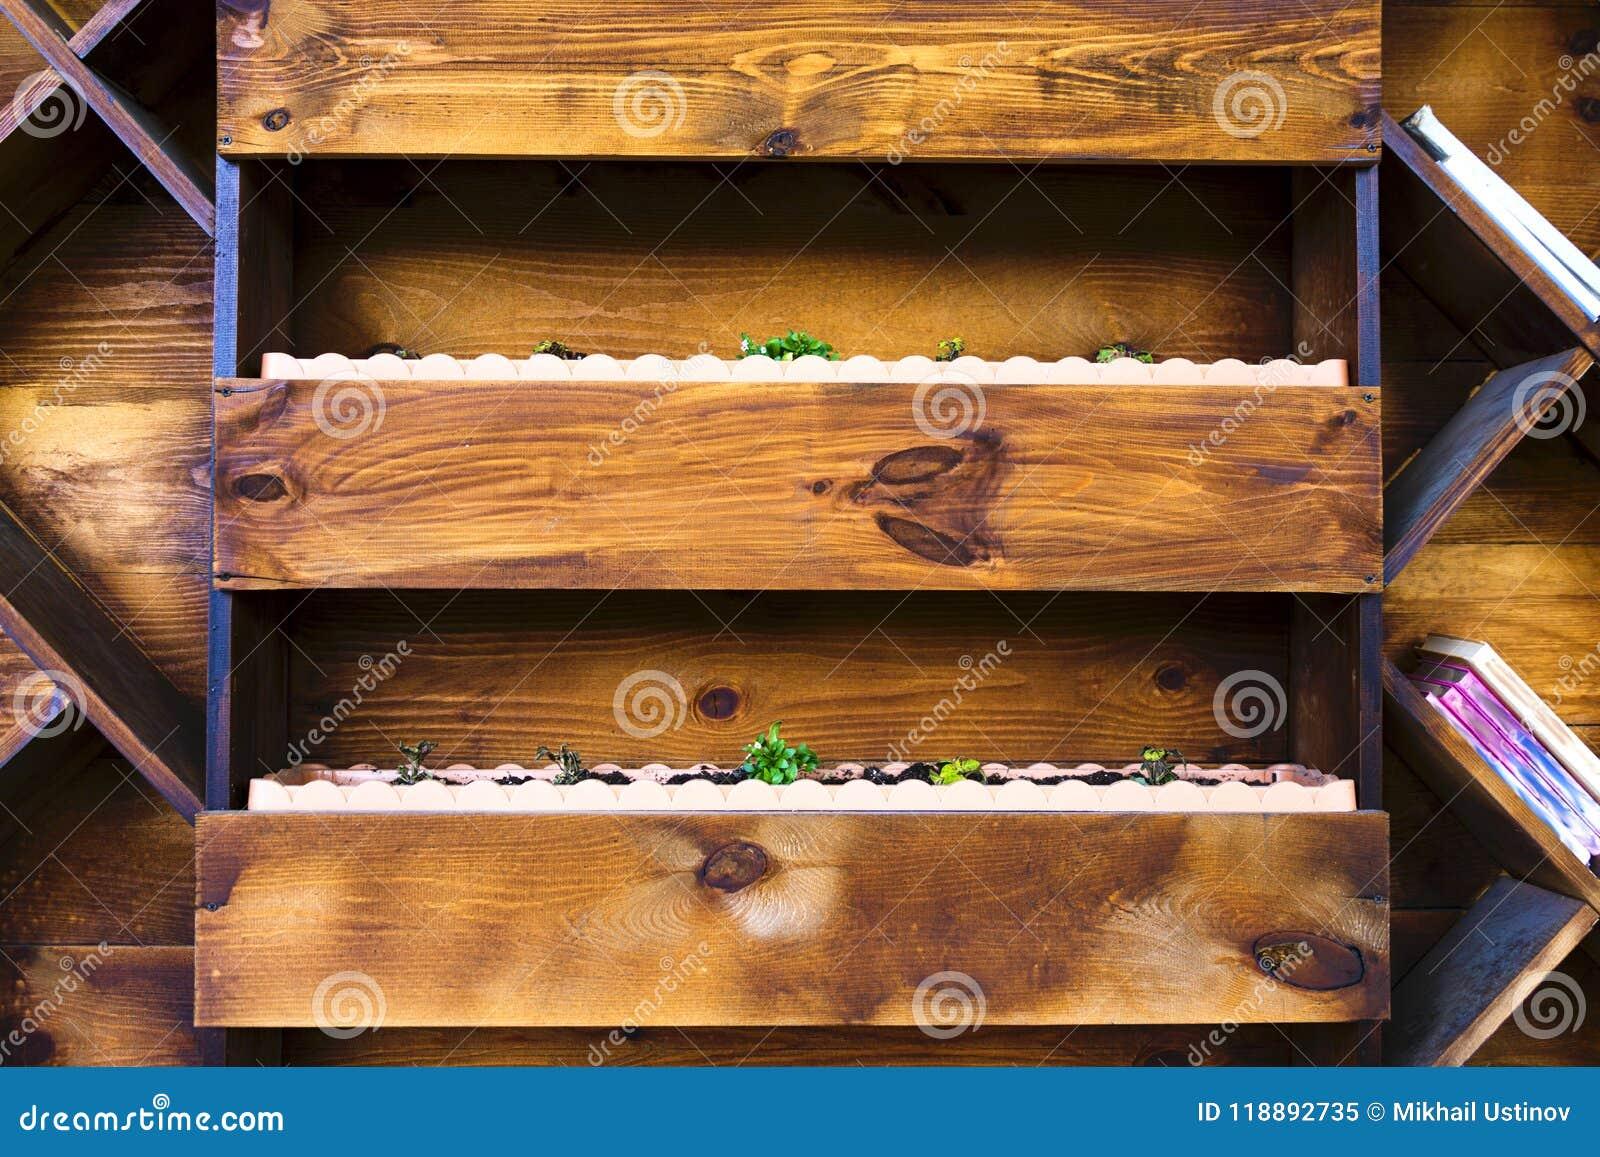 Drewniane Półki Dla Kwiatów łóżek Na ścianie Obraz Stock